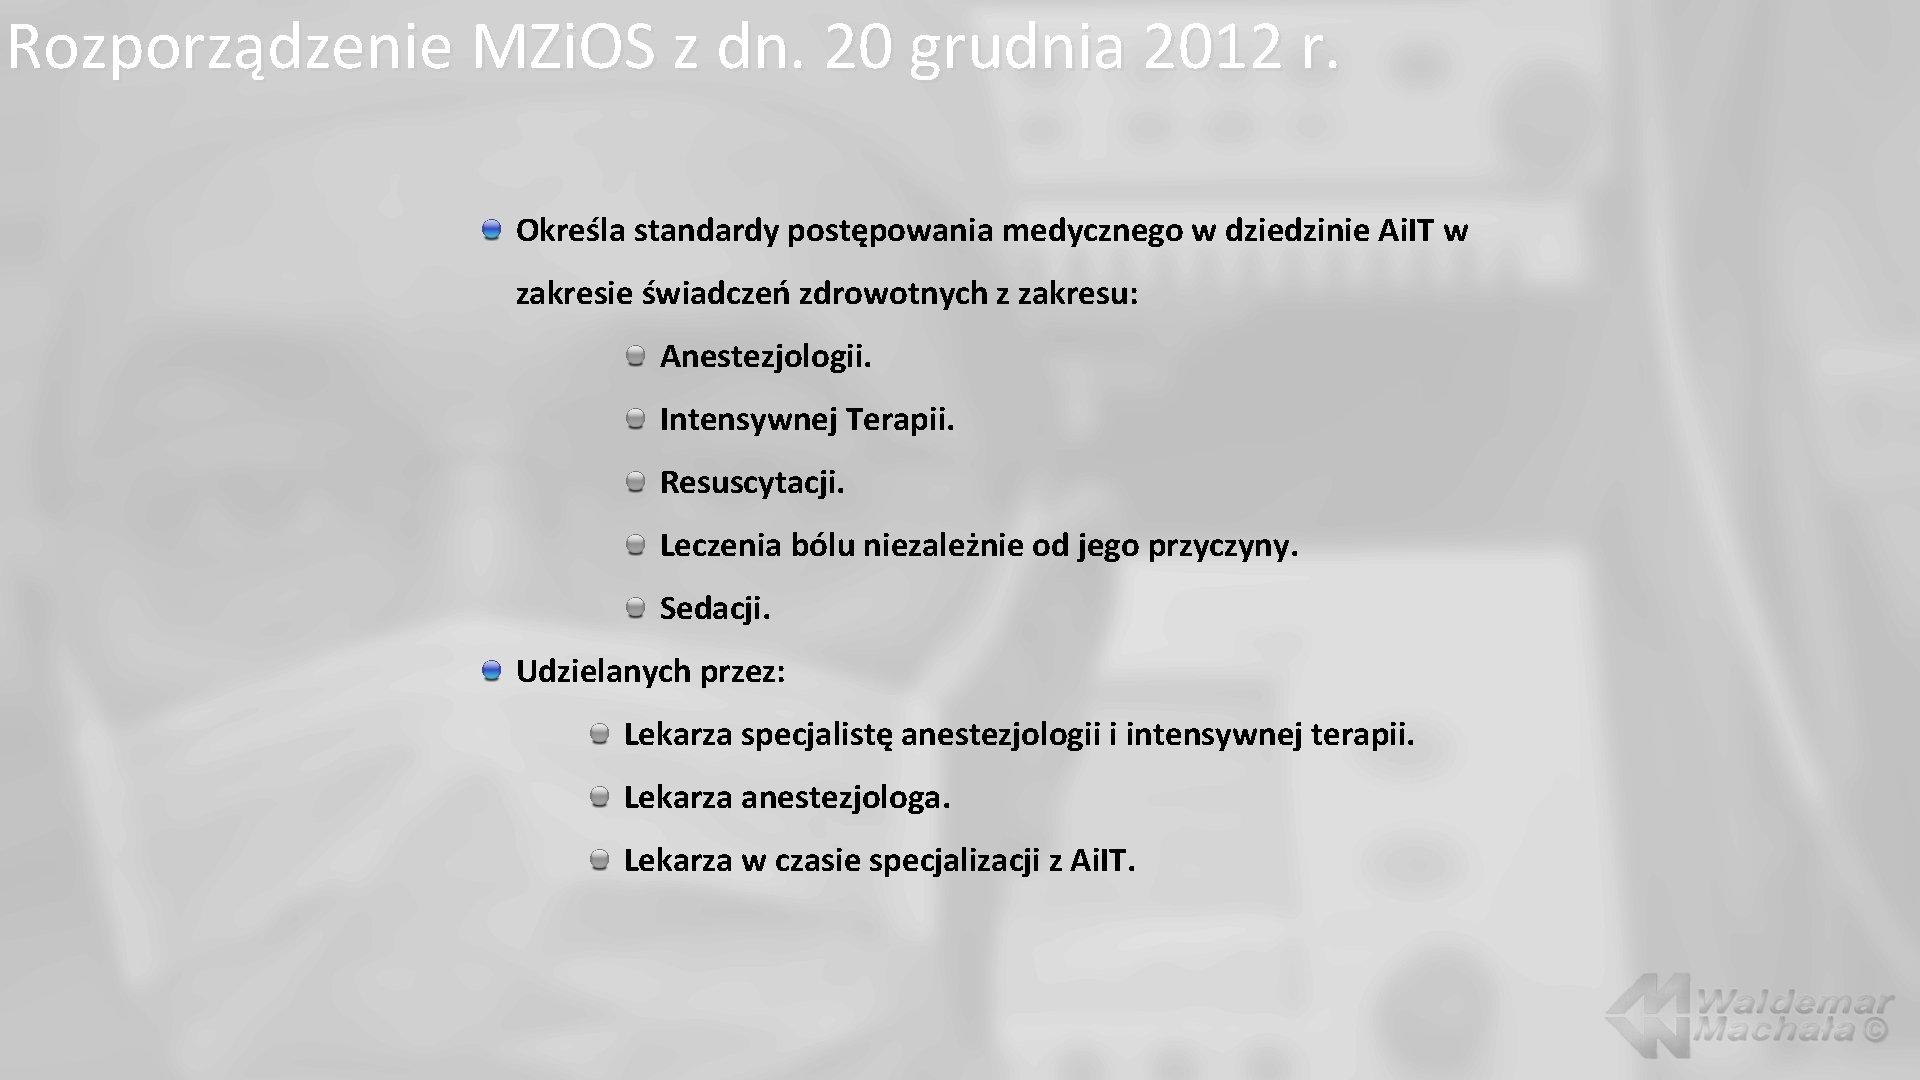 Rozporządzenie MZi. OS z dn. 20 grudnia 2012 r. Określa standardy postępowania medycznego w